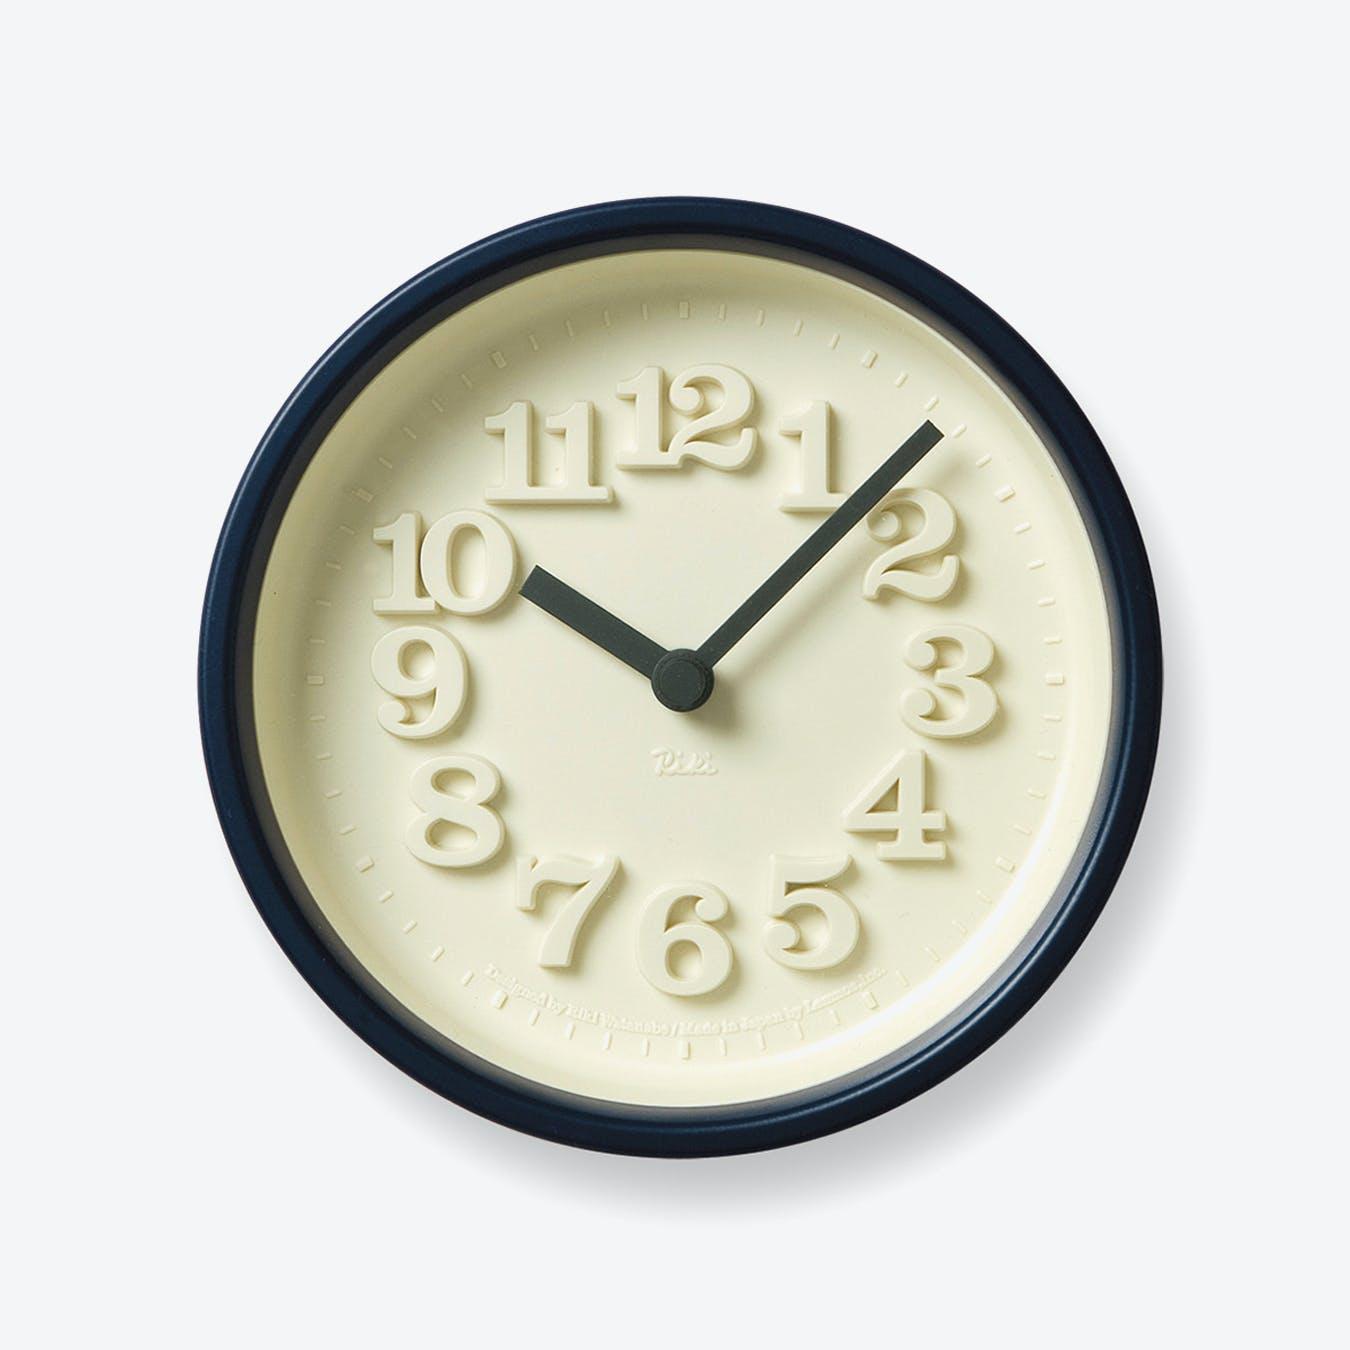 CHIISANA TOKEI Wall Clock / Blue